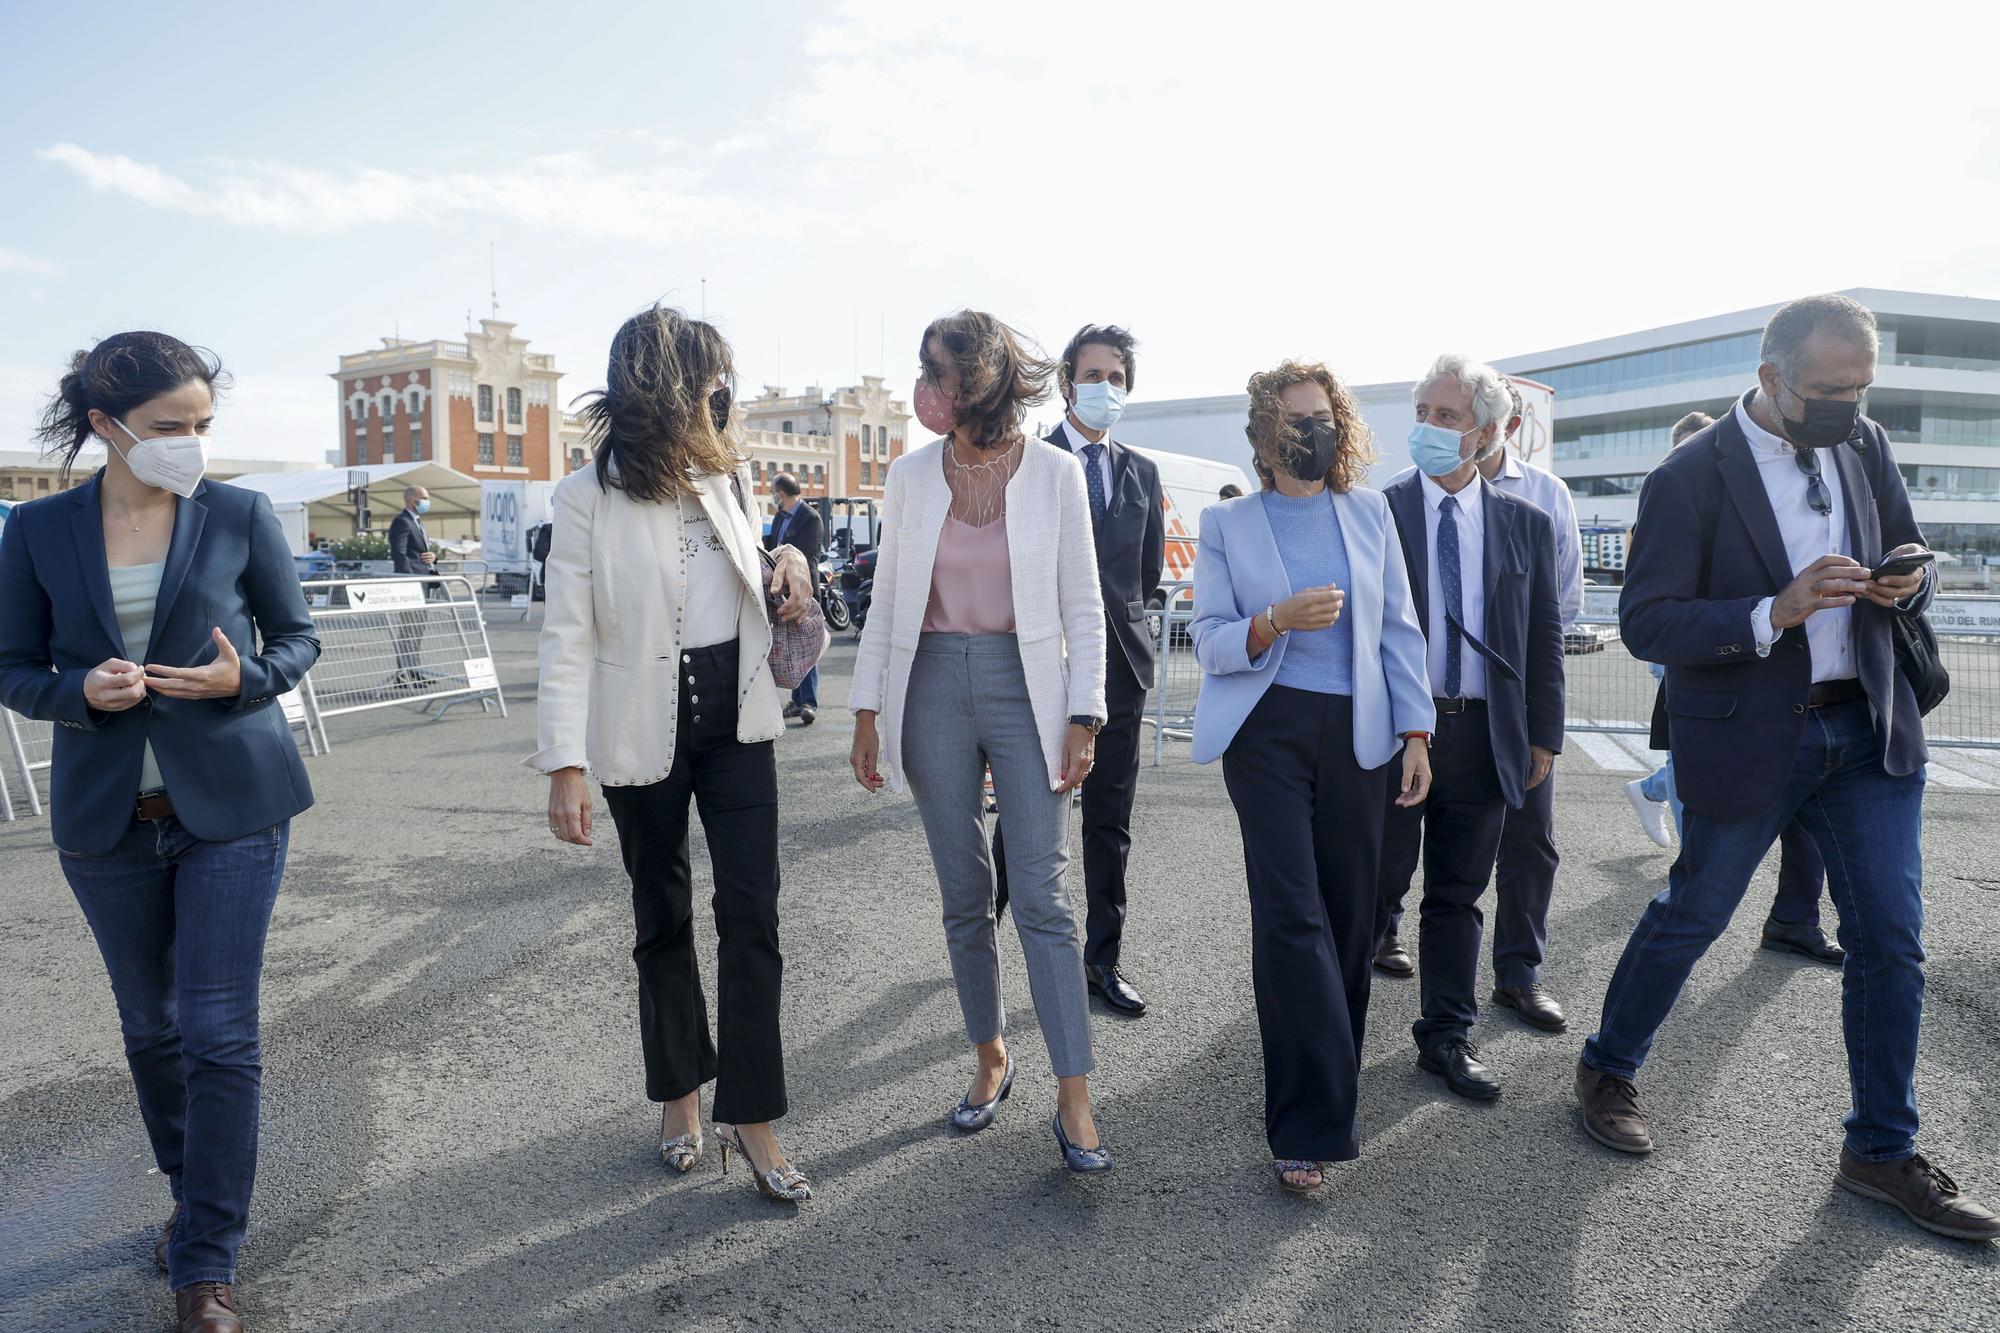 La ministra Reyes Maroto, visita la carpa de Orange y Levante-EMV, para experimentar el proyecto 5G y Turismo